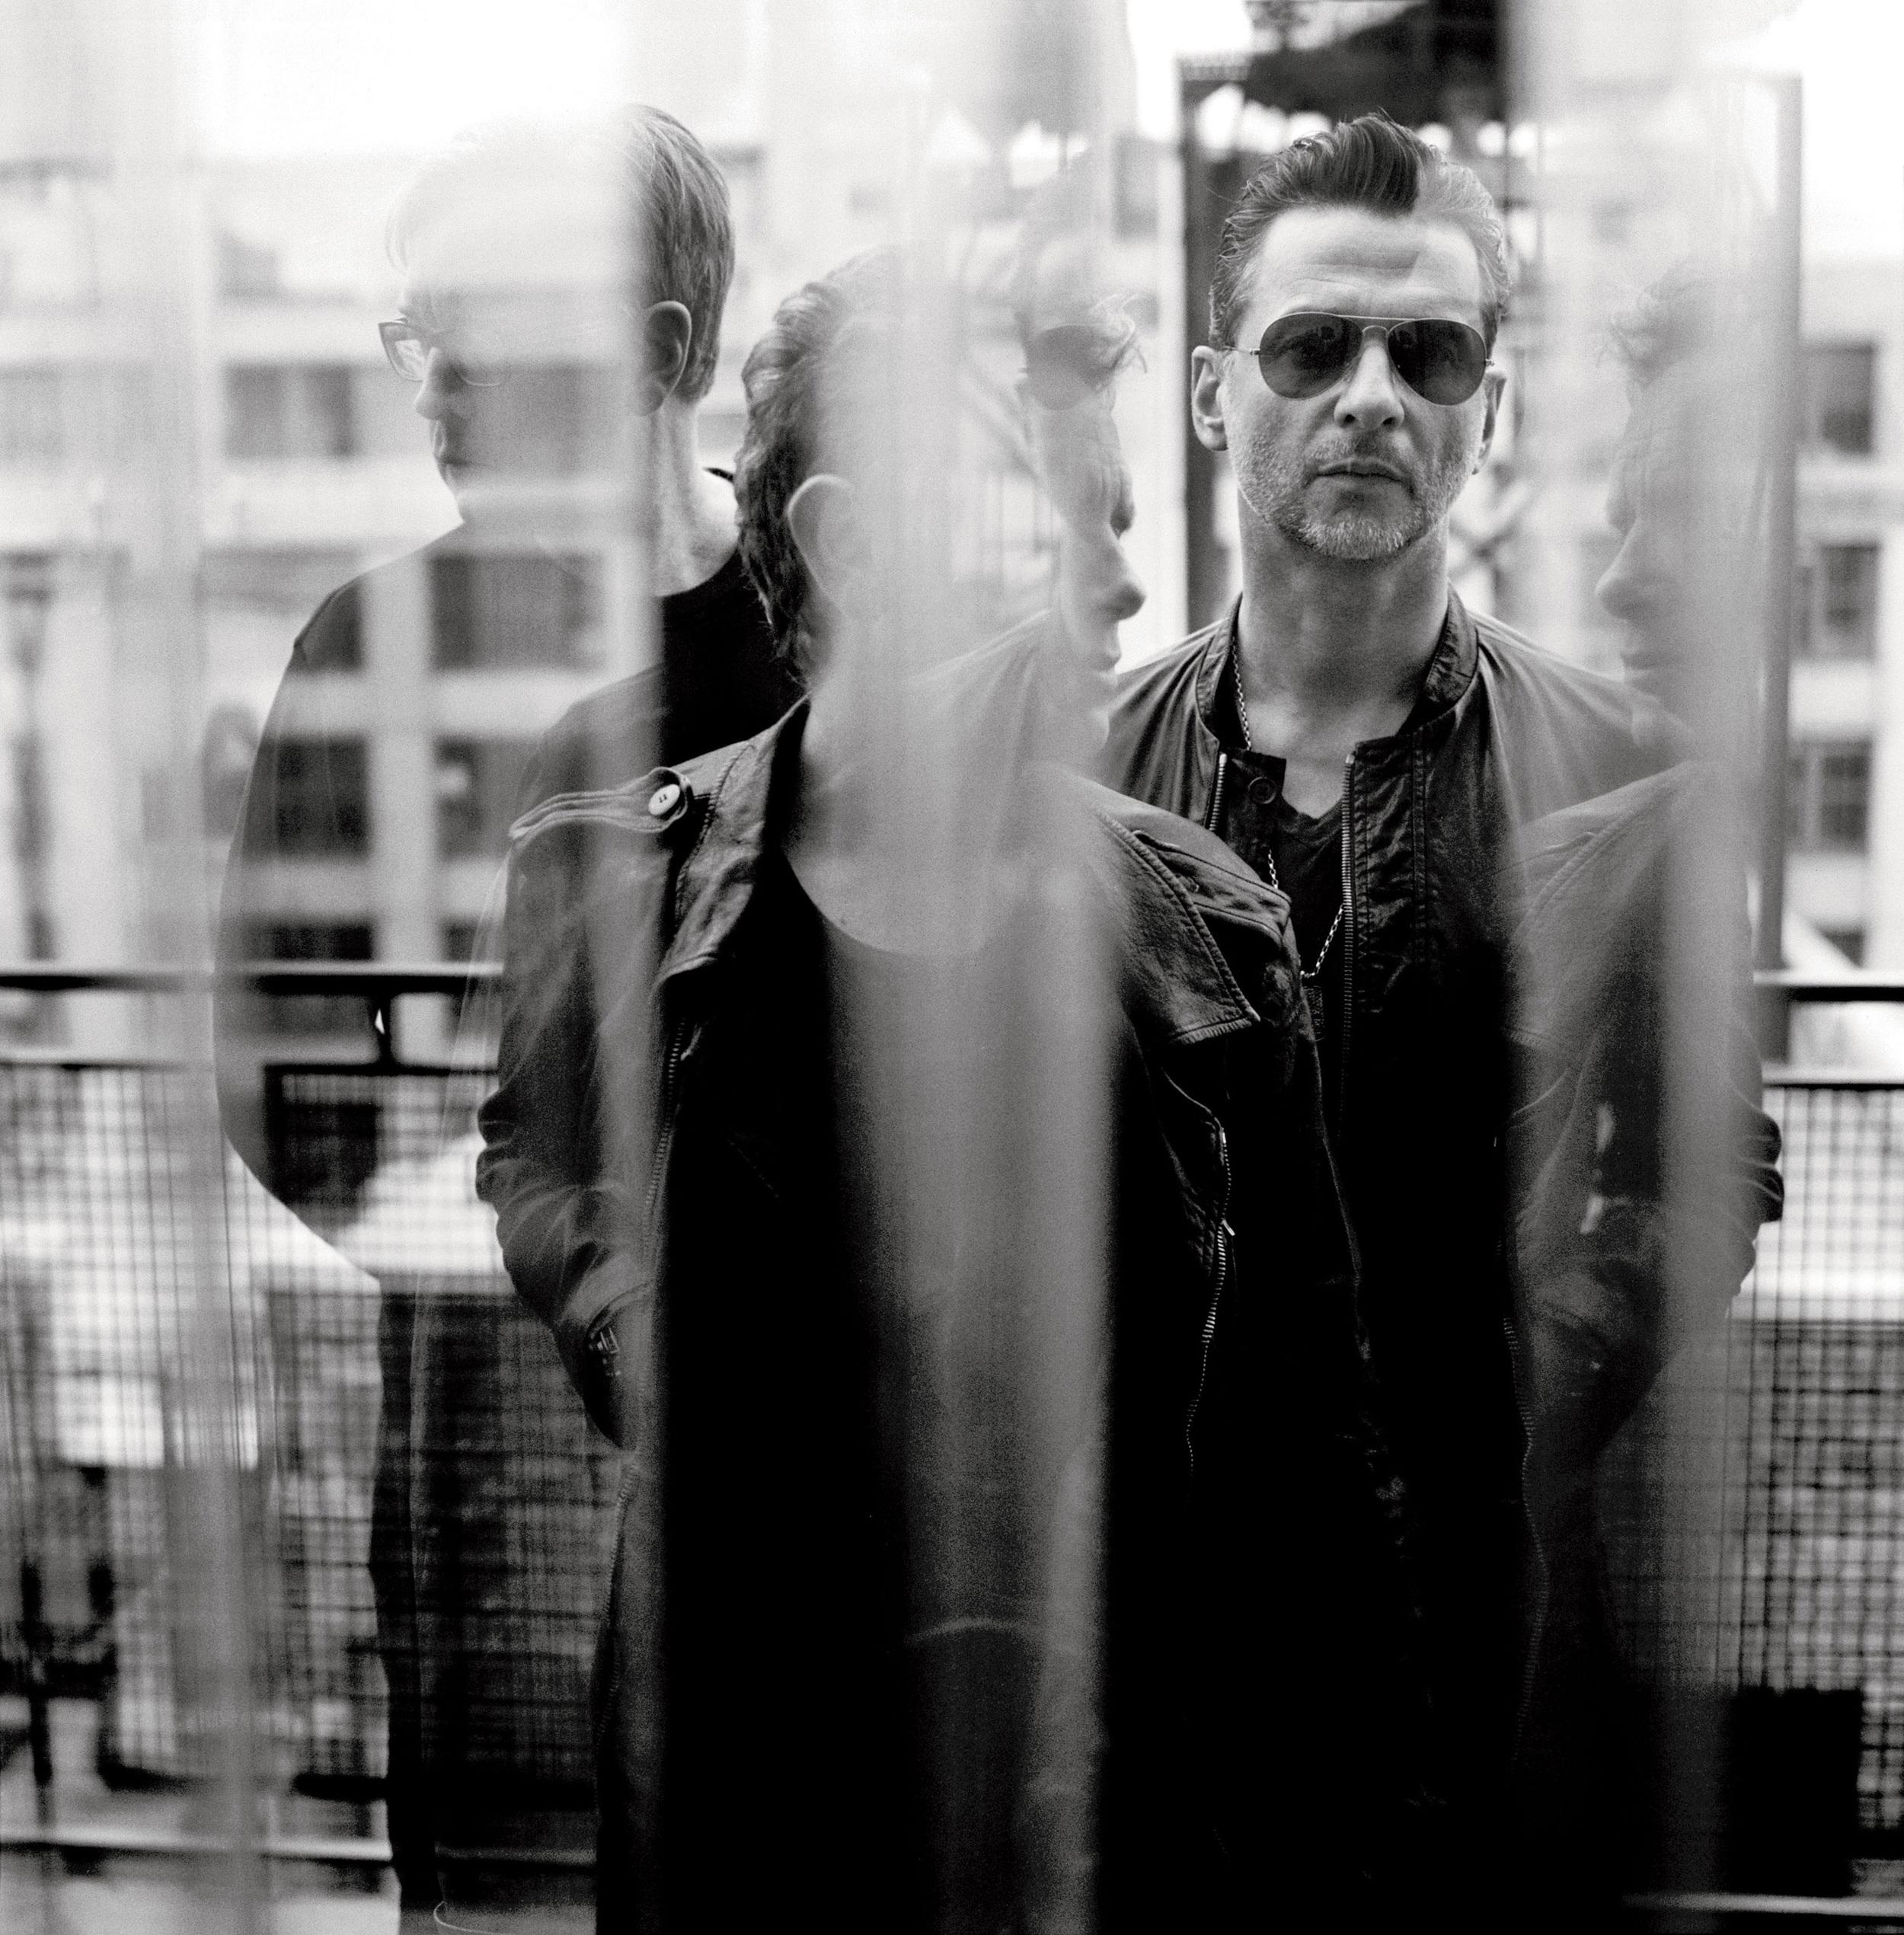 mh_DepecheMode_03.jpg